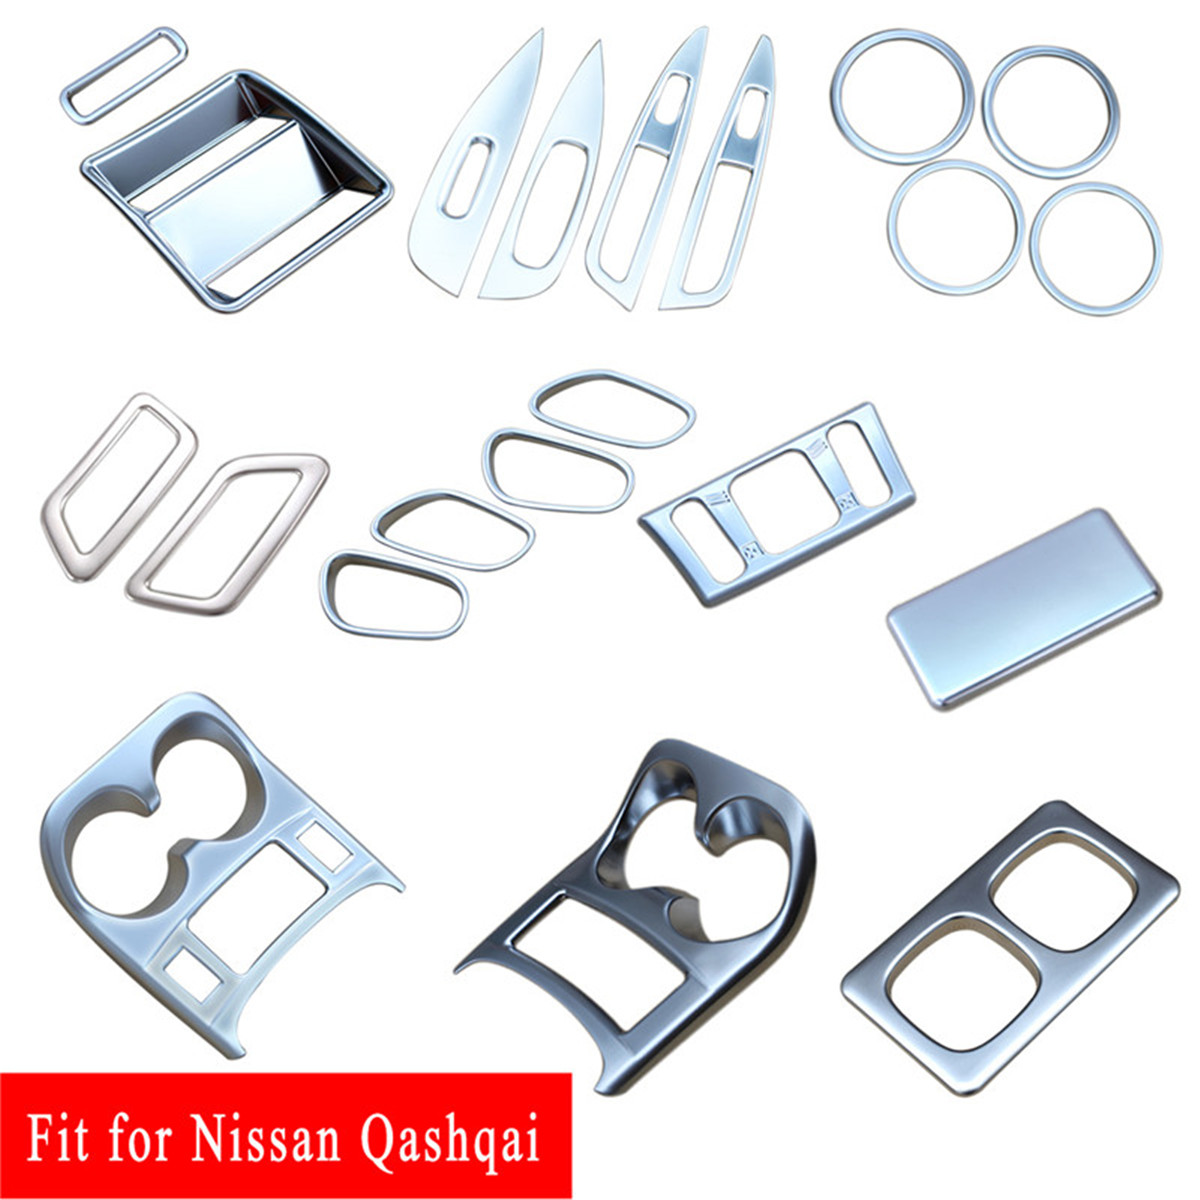 Accessoires en Chrome support de verre à eau poignée de porte couvercle d'aération garniture pour Nissan Qashqai J11 2014 2015 2016 2017 2018 2019